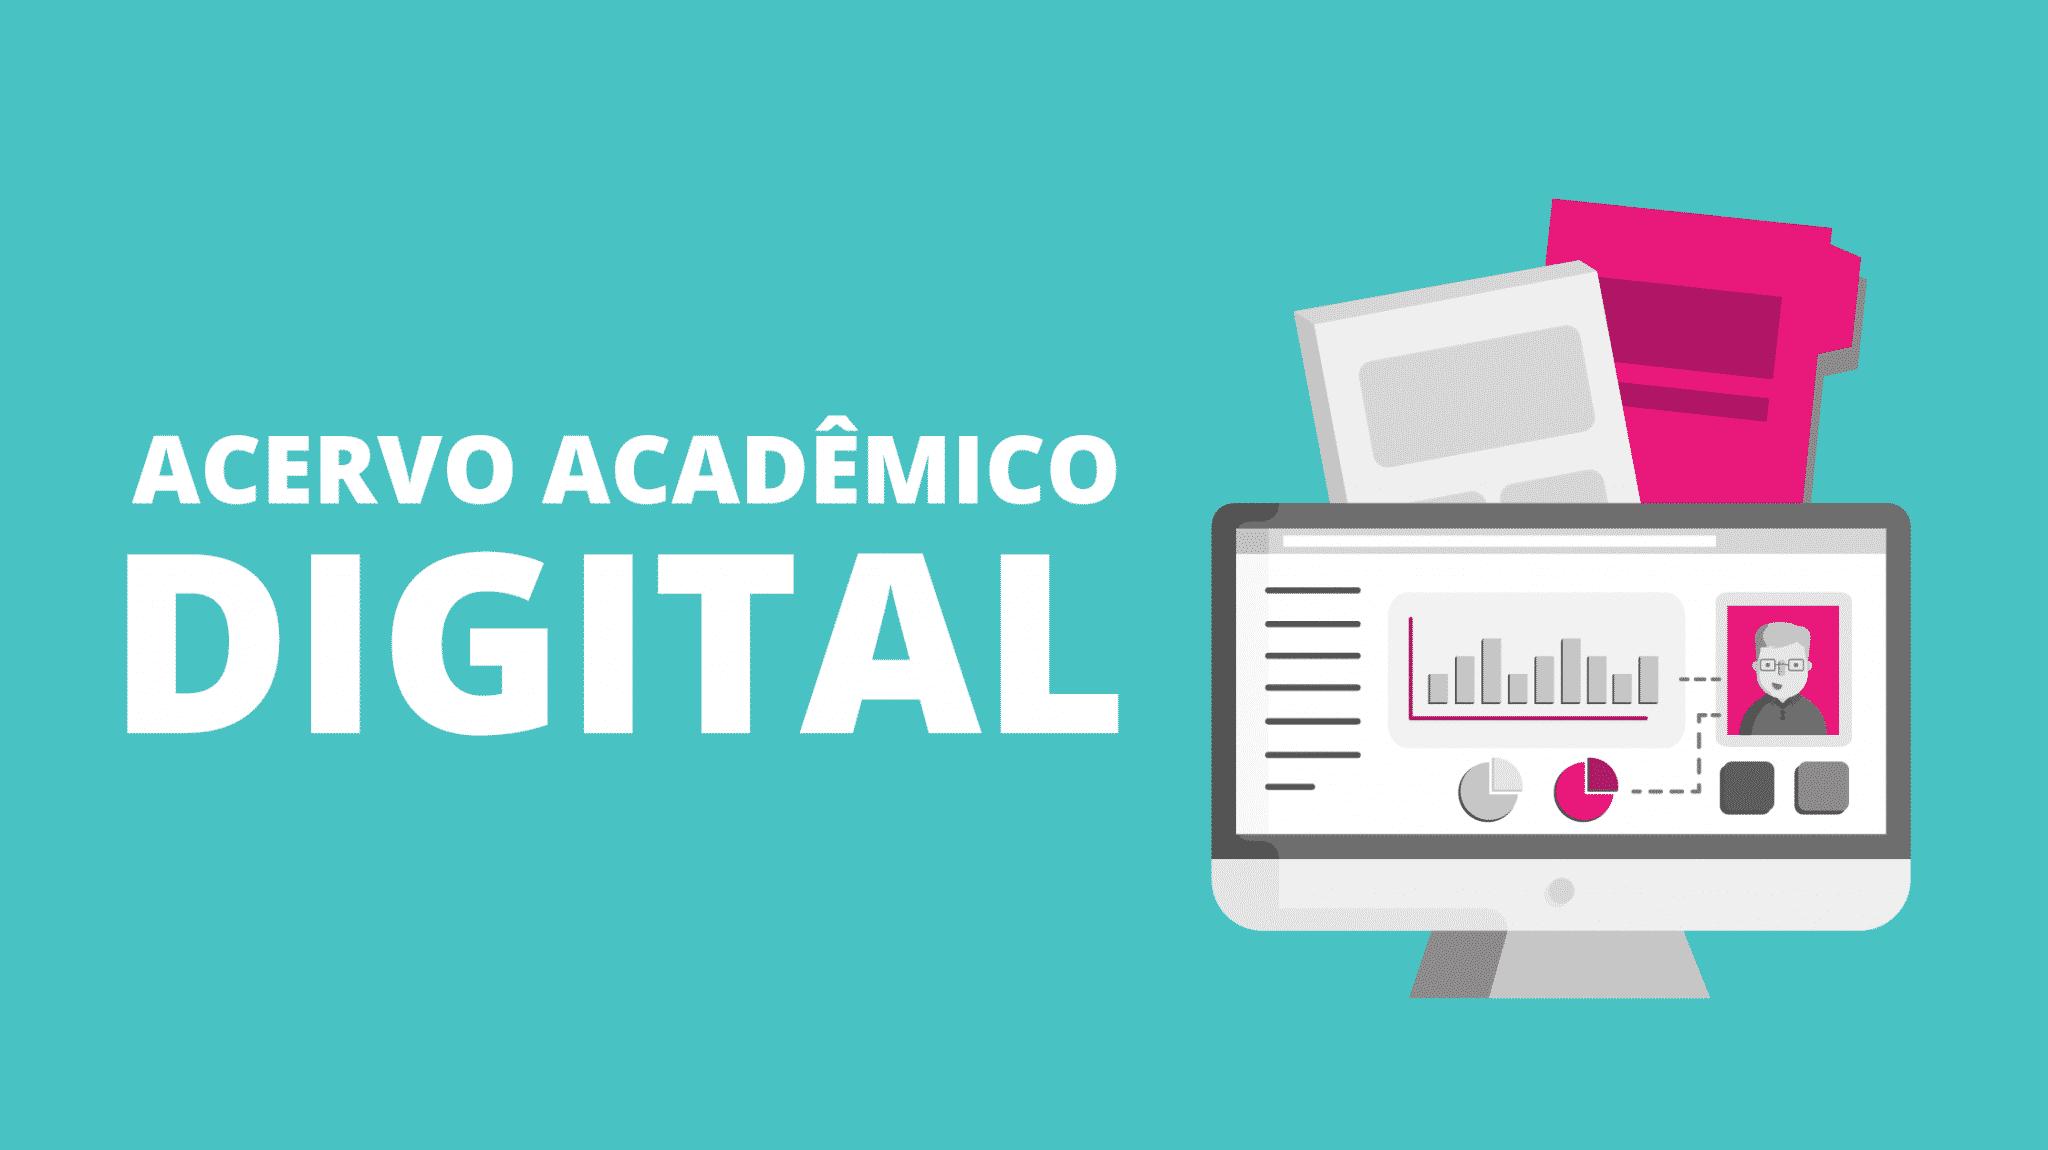 acervo acadêmico digital: tudo o que você precisa saber! [Curso + Demo]